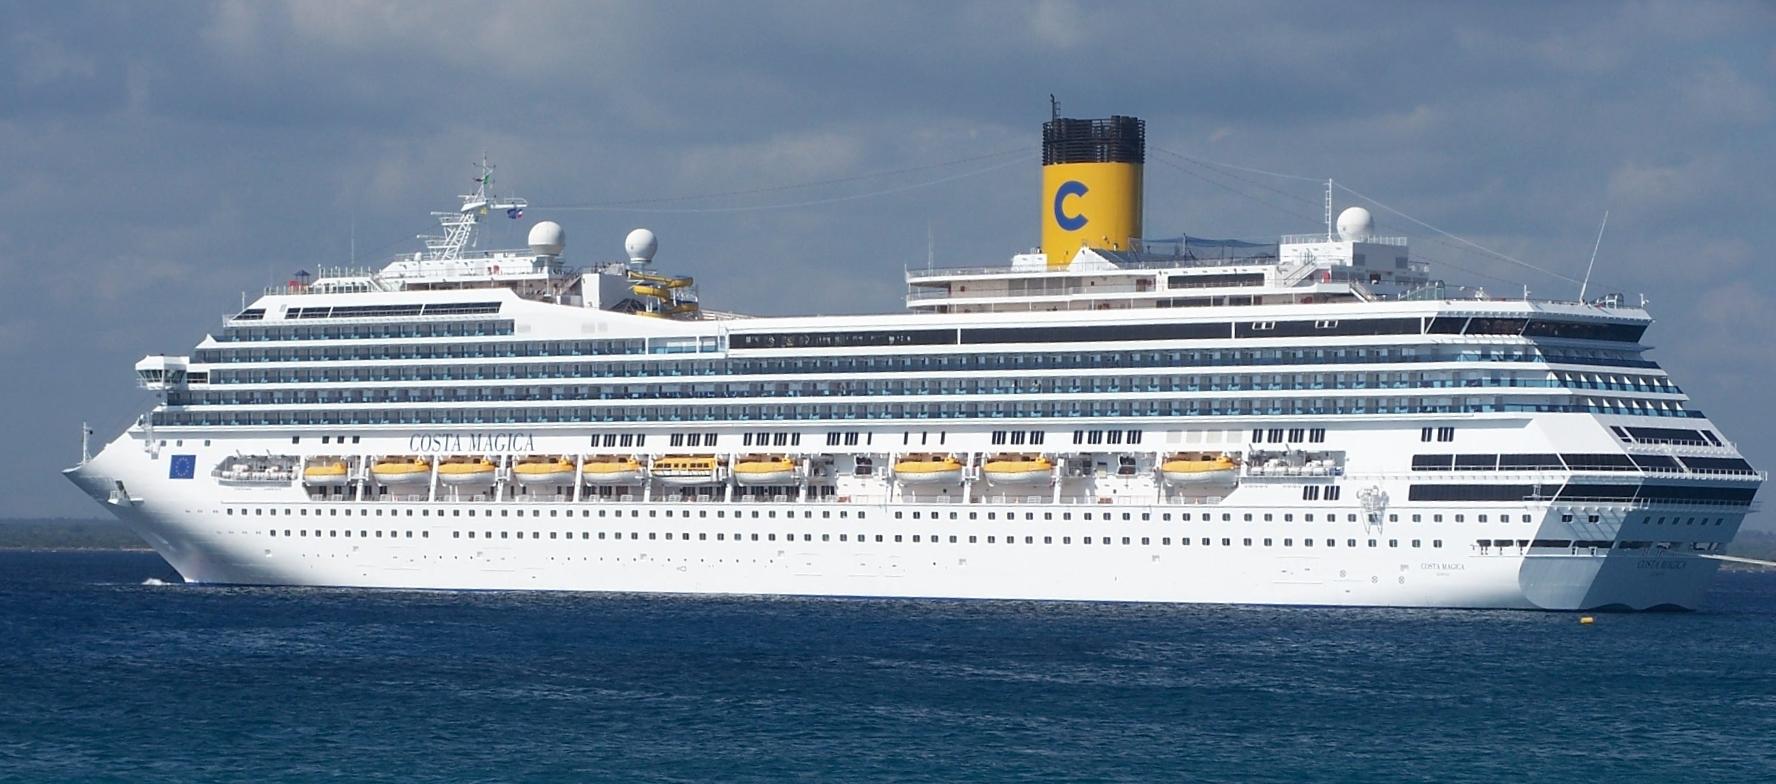 Costa Magica Cruise Ship Lisbon 2015 Lisbon Private